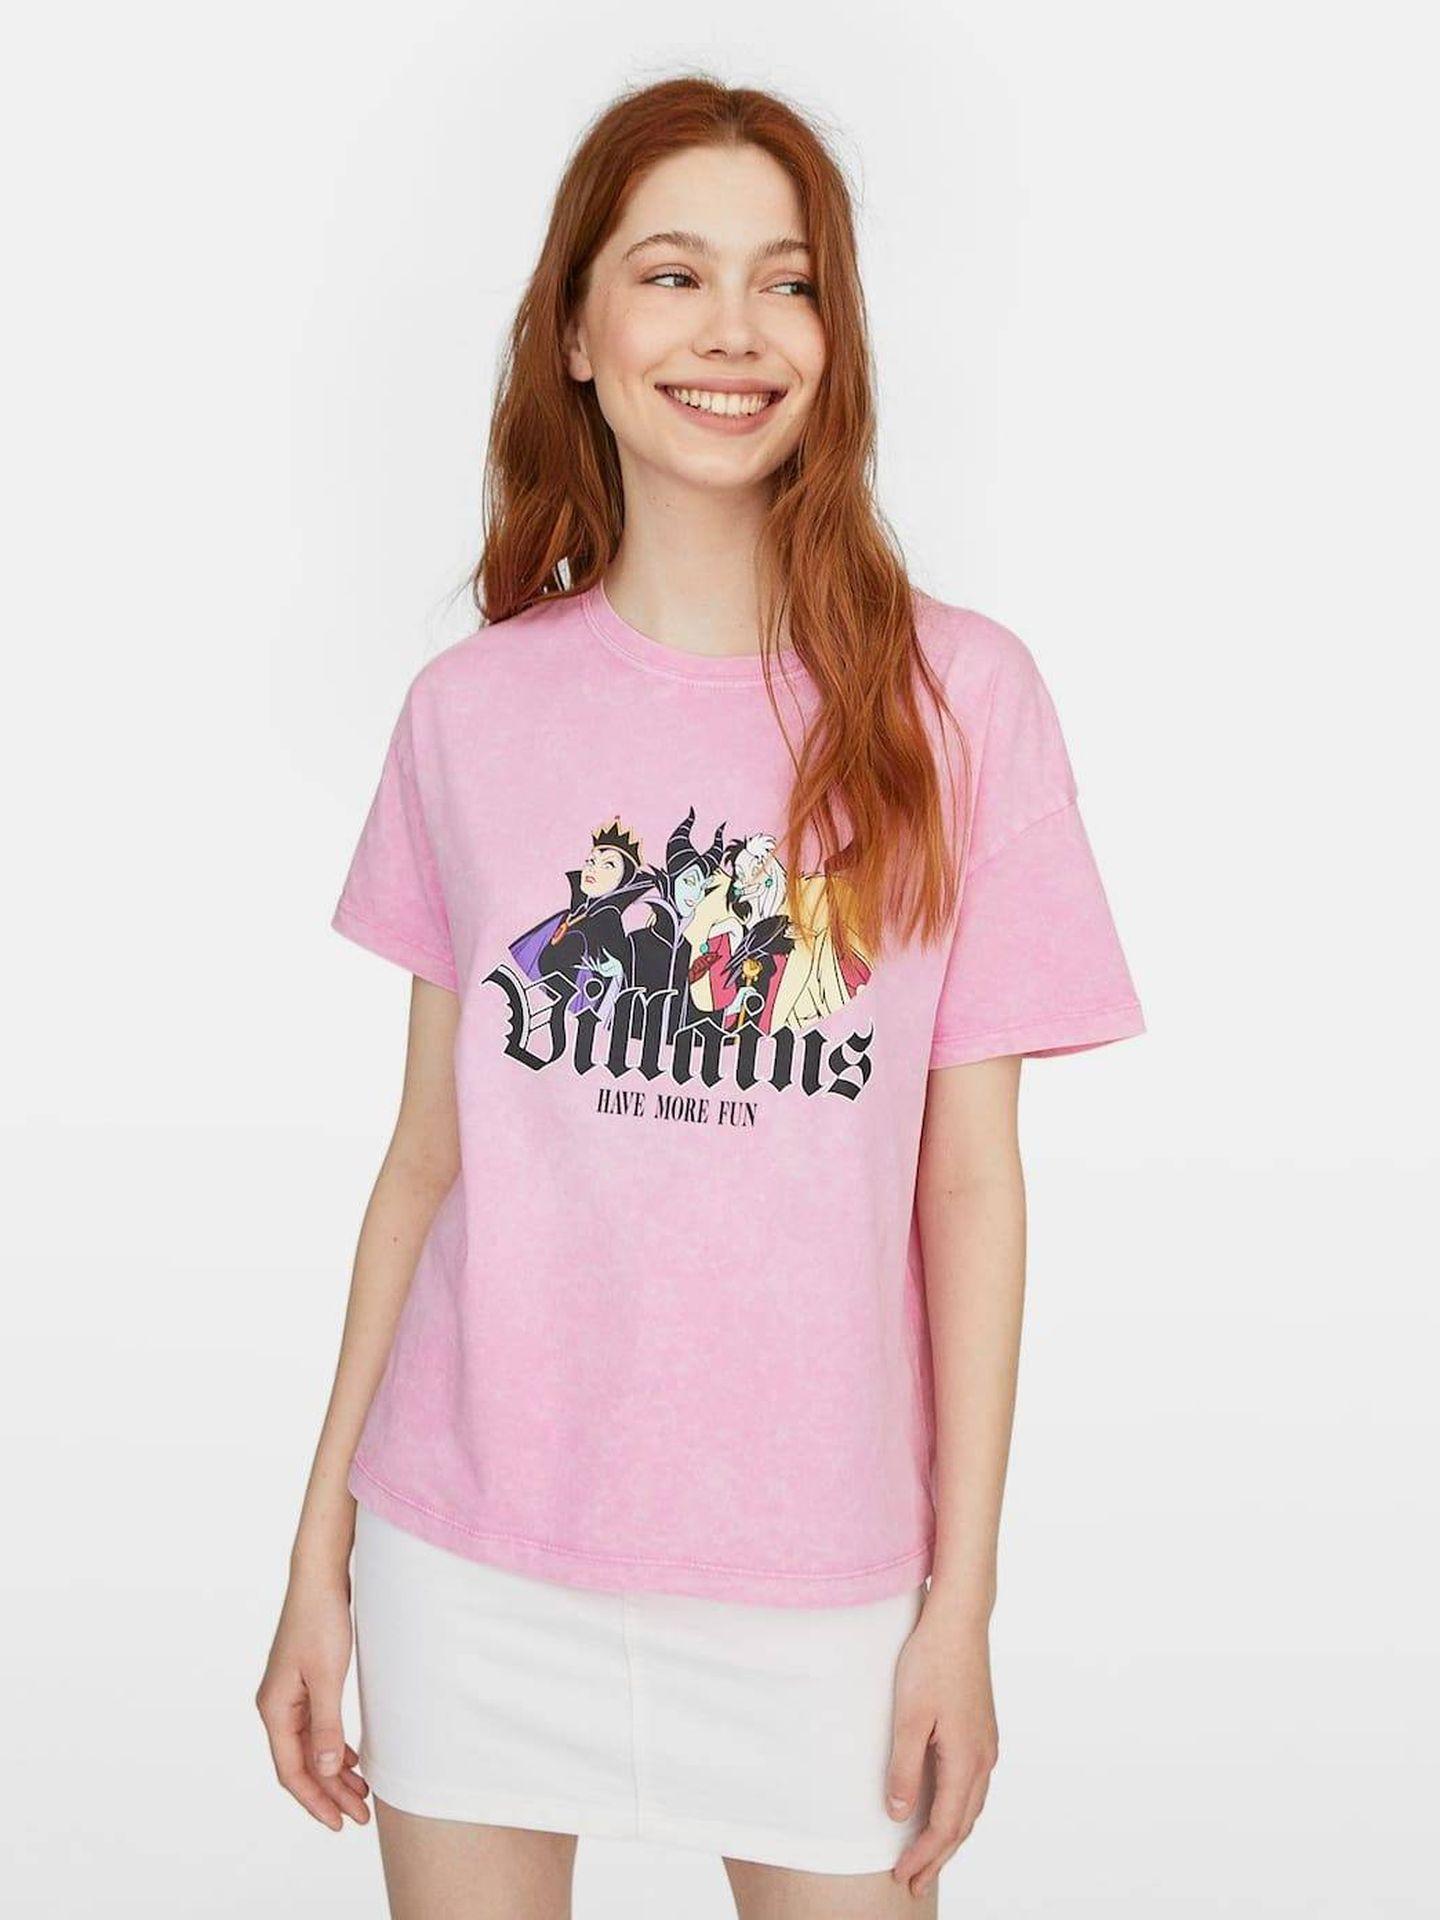 Camiseta de las villanas de Disney.  (Cortesía)